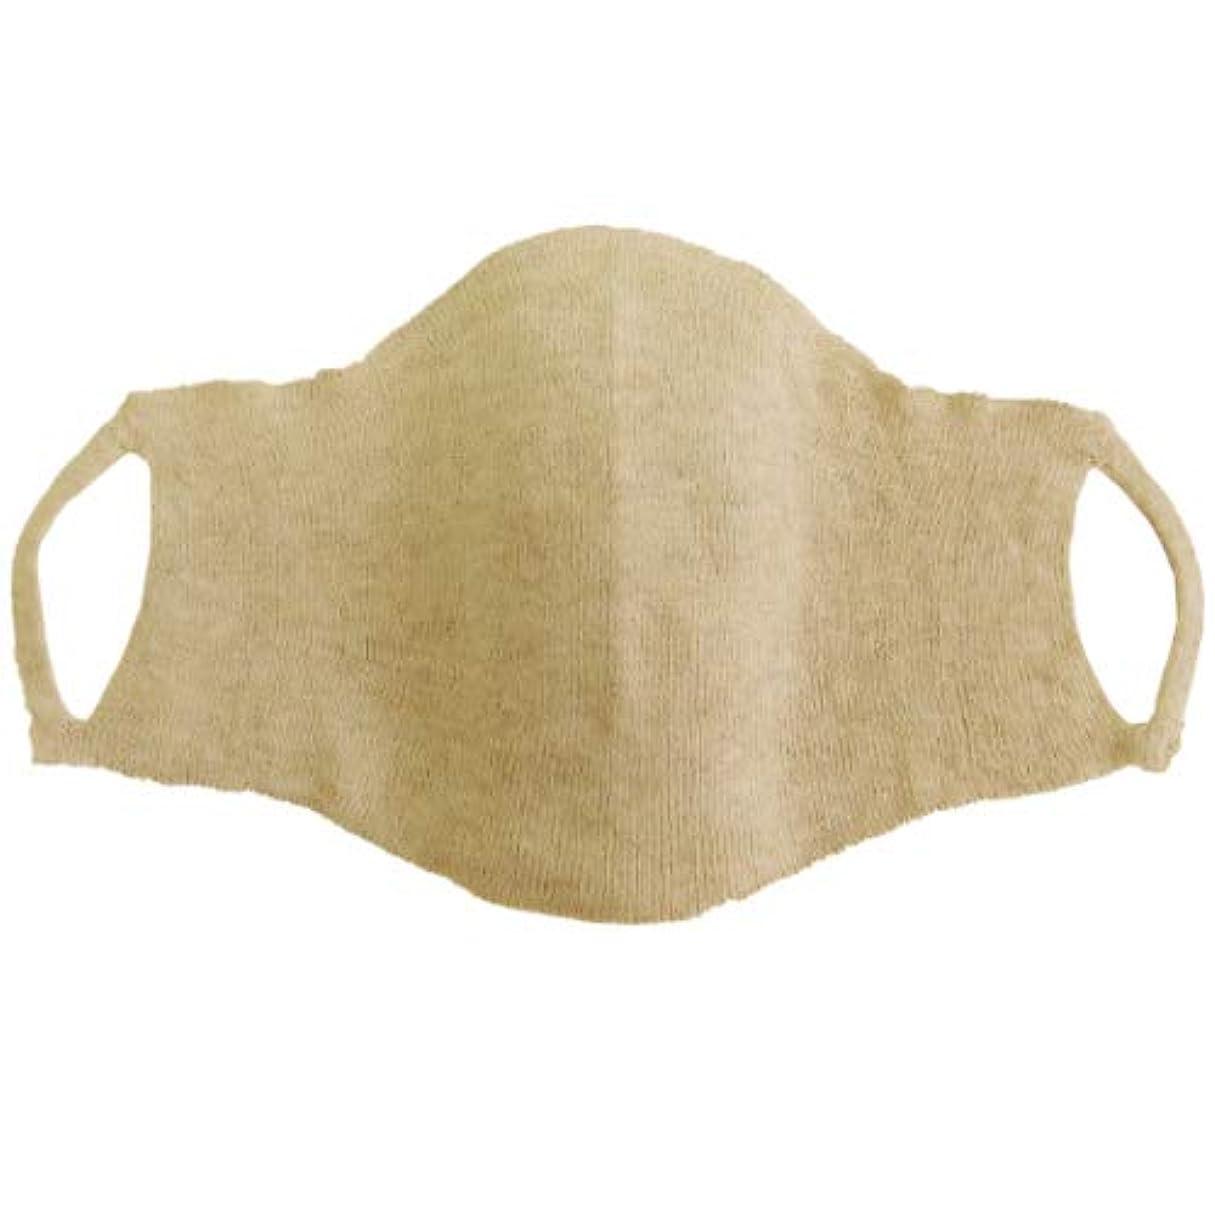 劇作家比率うまくやる()【オーガニックコットン100%】無縫製 保湿 綿100% おやすみマスク ホールガーメント® 日本製 工場直販 セット販売(10枚組) 4046《7241》